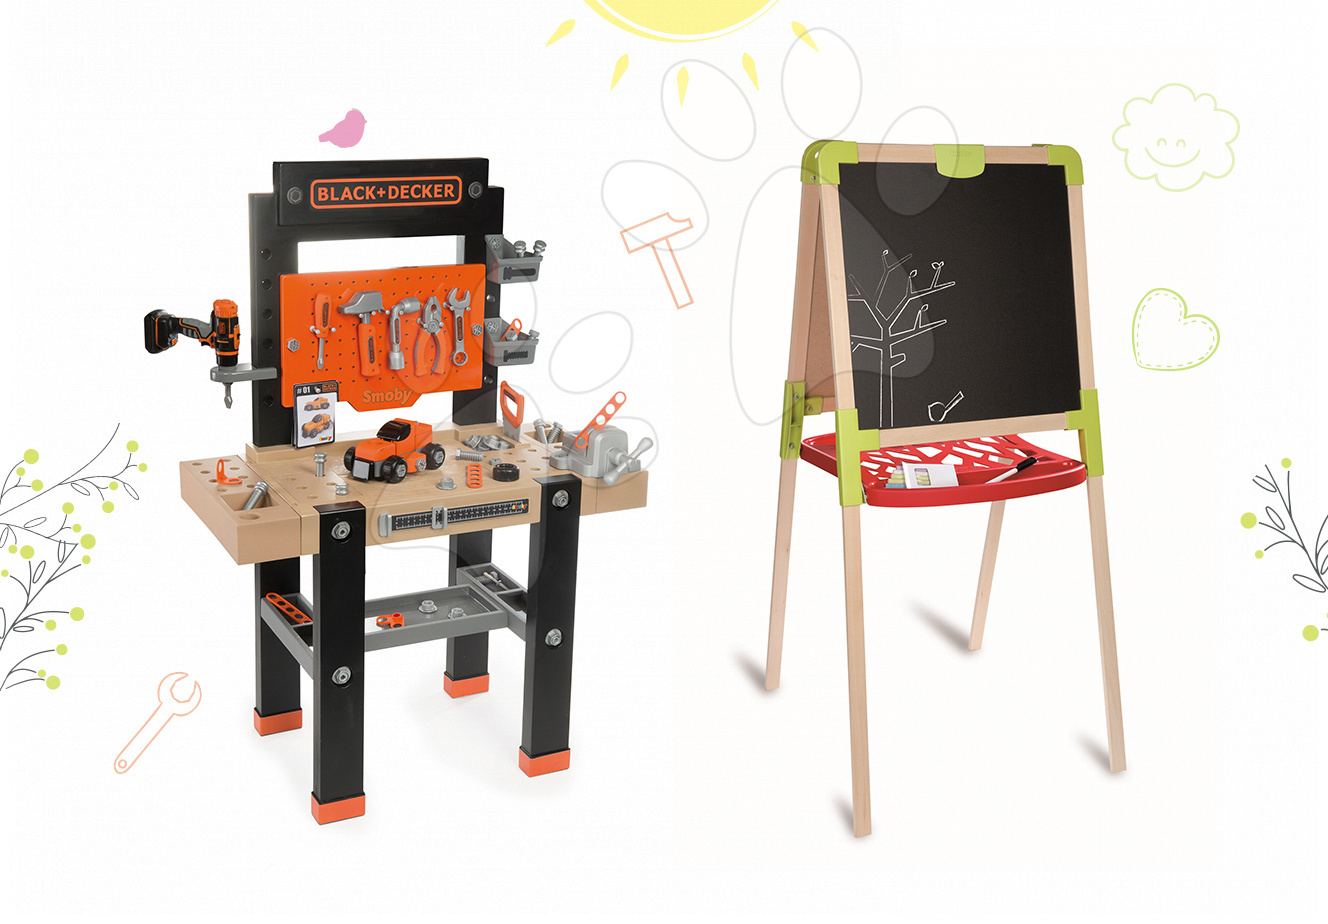 Detská dielňa sety - Set pracovná dielňa Black+Decker Smoby s vŕtačkou a drevená magnetická tabuľa obojstranná